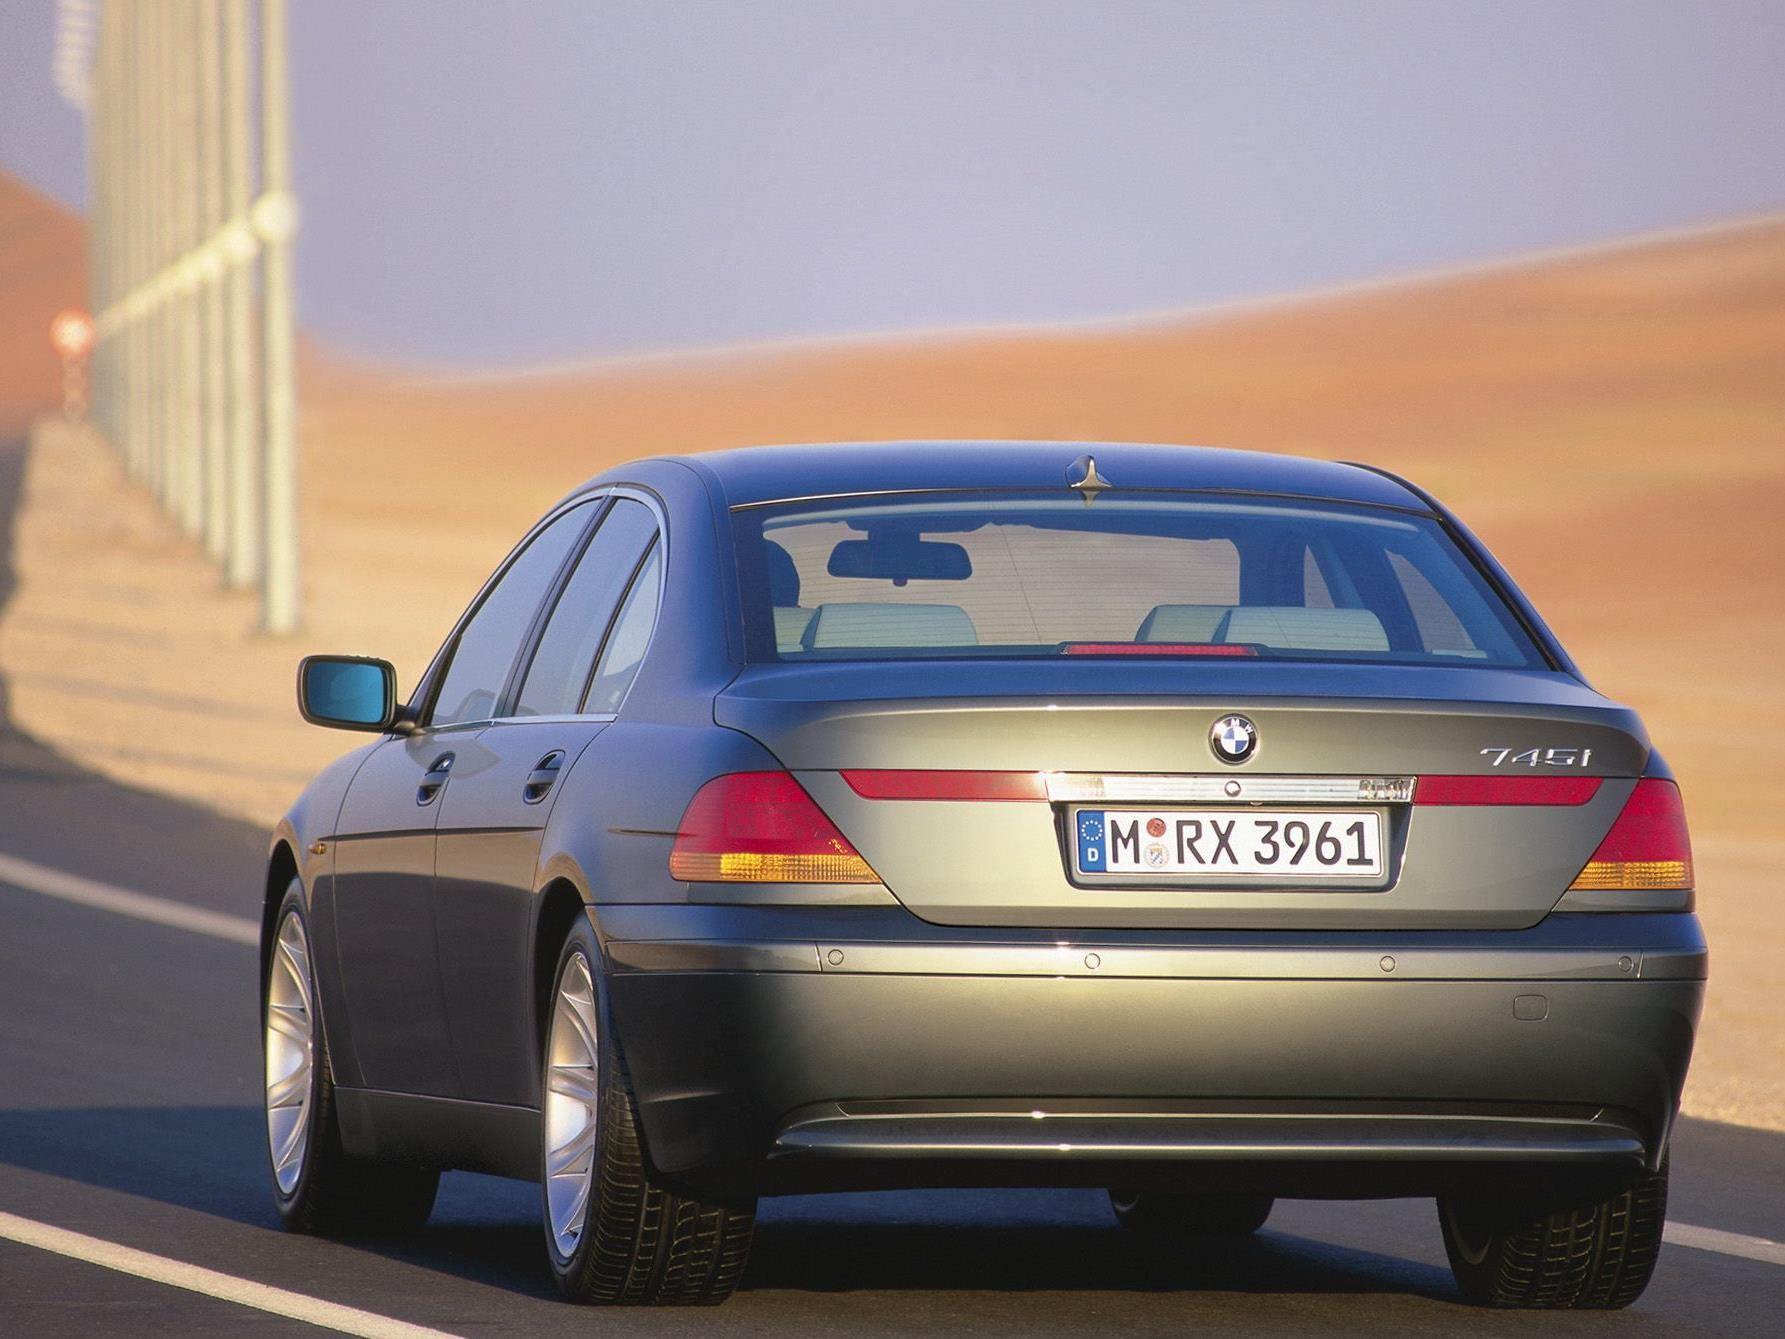 BMW-Fahrer gewinnen das Rennen der Ehebrecher.